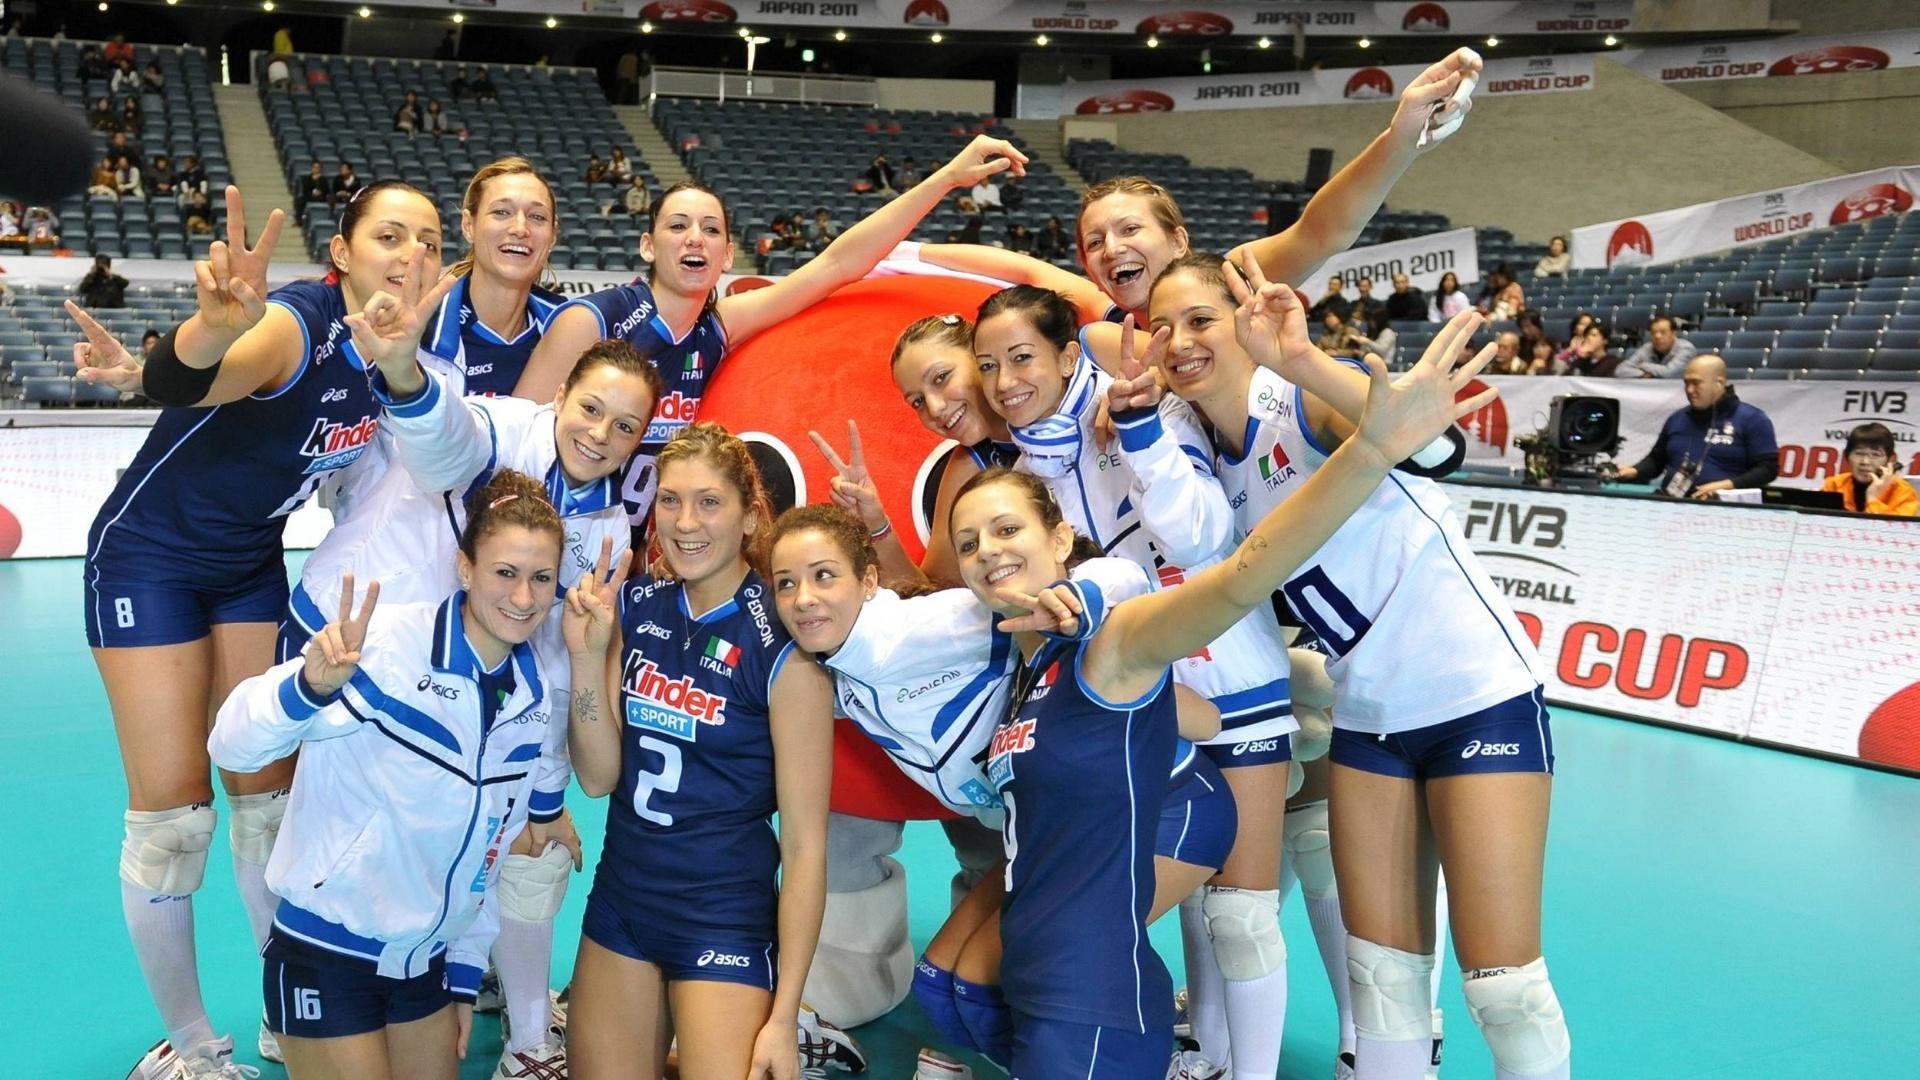 Italianas comemoram após a vitória contra o Quênia na Copa do Mundo de vôlei no Japão (18/11/11)